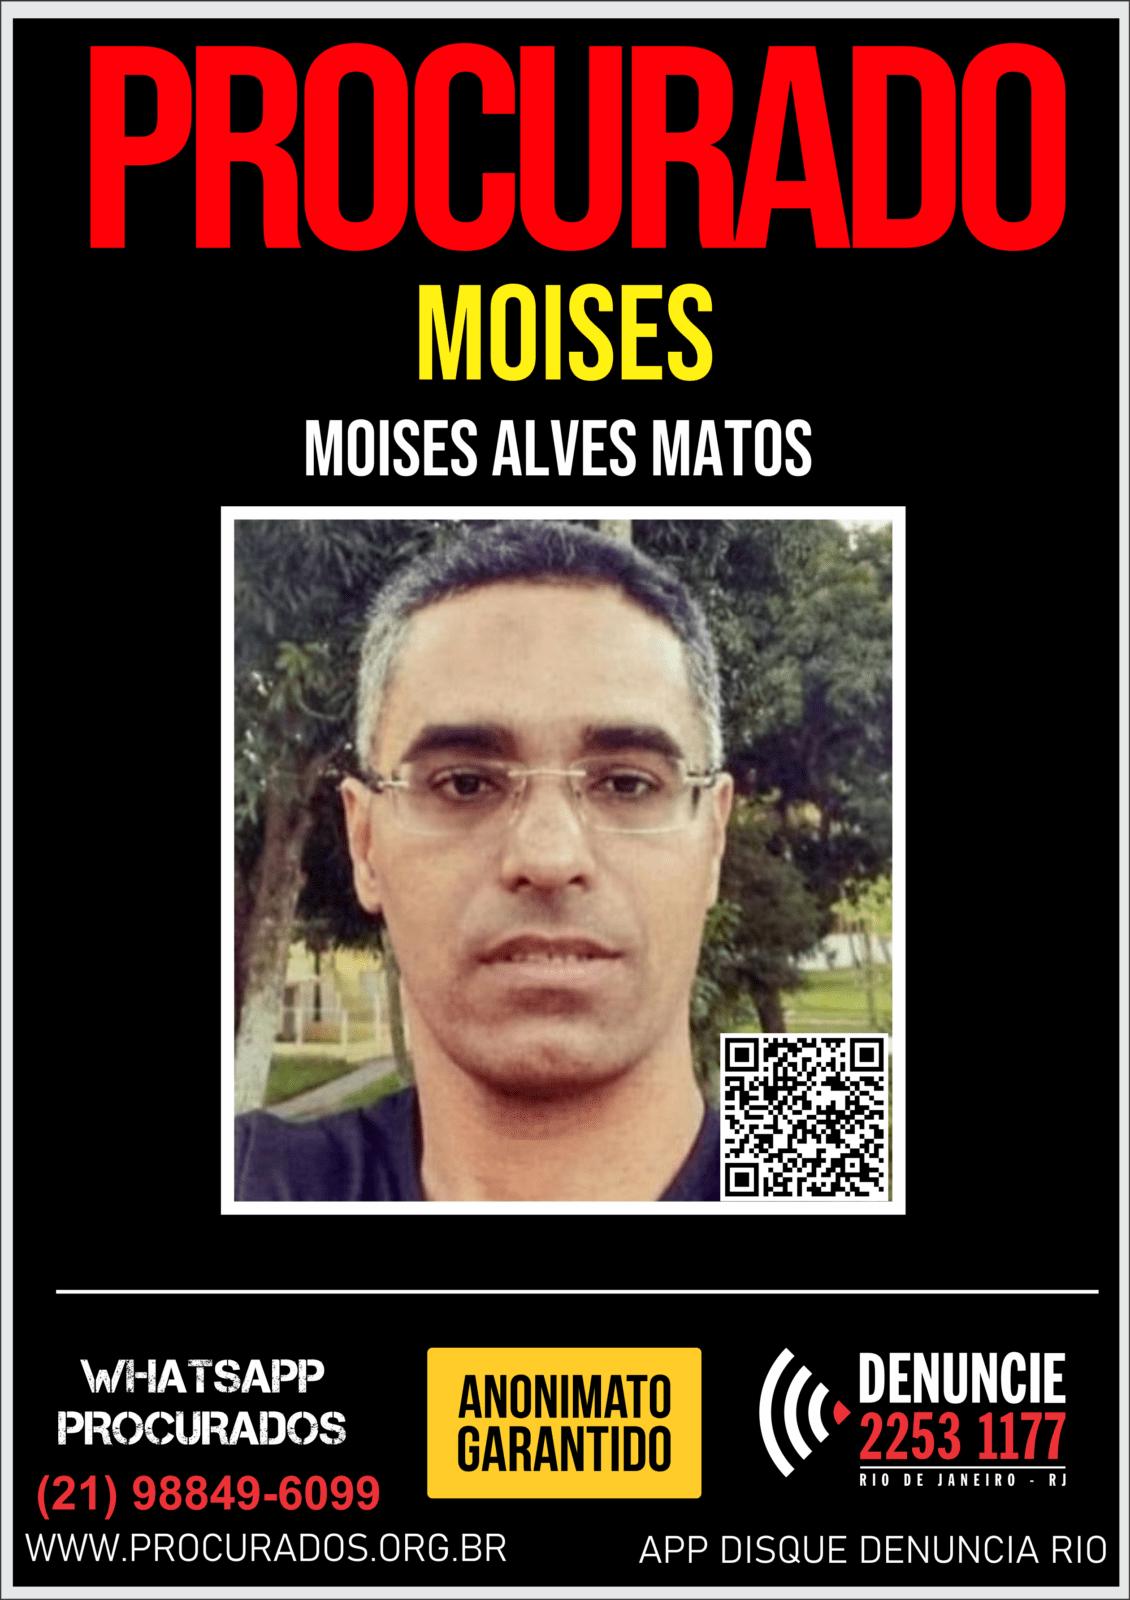 O Portal dos Procurados divulga nesta segunda-feira (30), um cartaz para ajudar nas investigações da 137ª DP – Miracema – para que possa obter informações que levem à prisão do ex-tesoureiro da Câmara de Vereadores de Miracema, Moises Alves de Matos, de 44 anos.